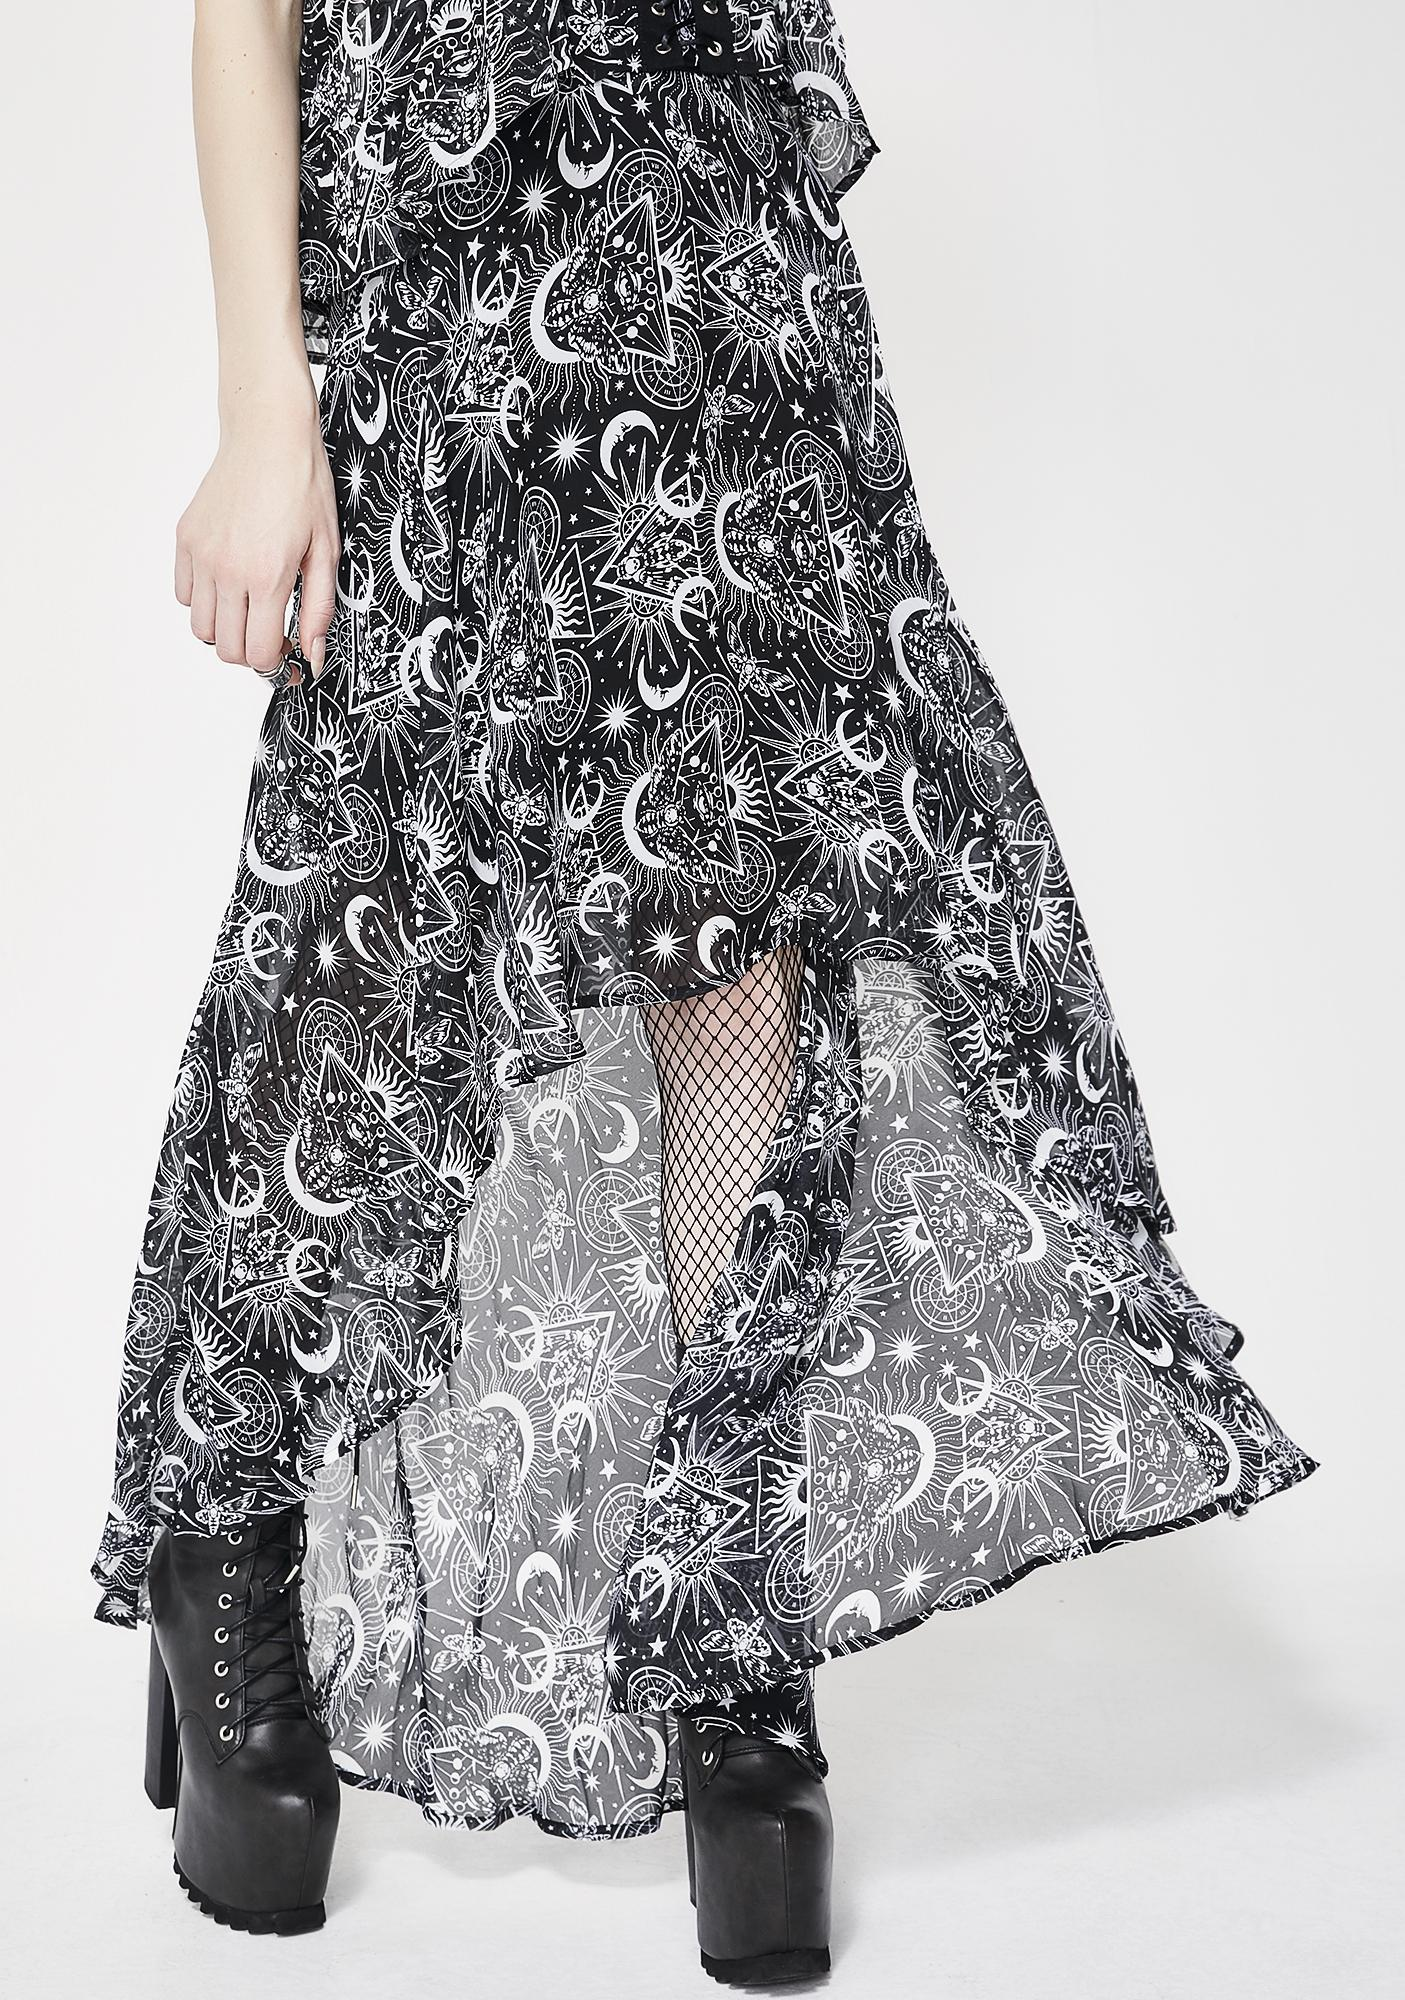 Killstar New Moon Maxi Skirt